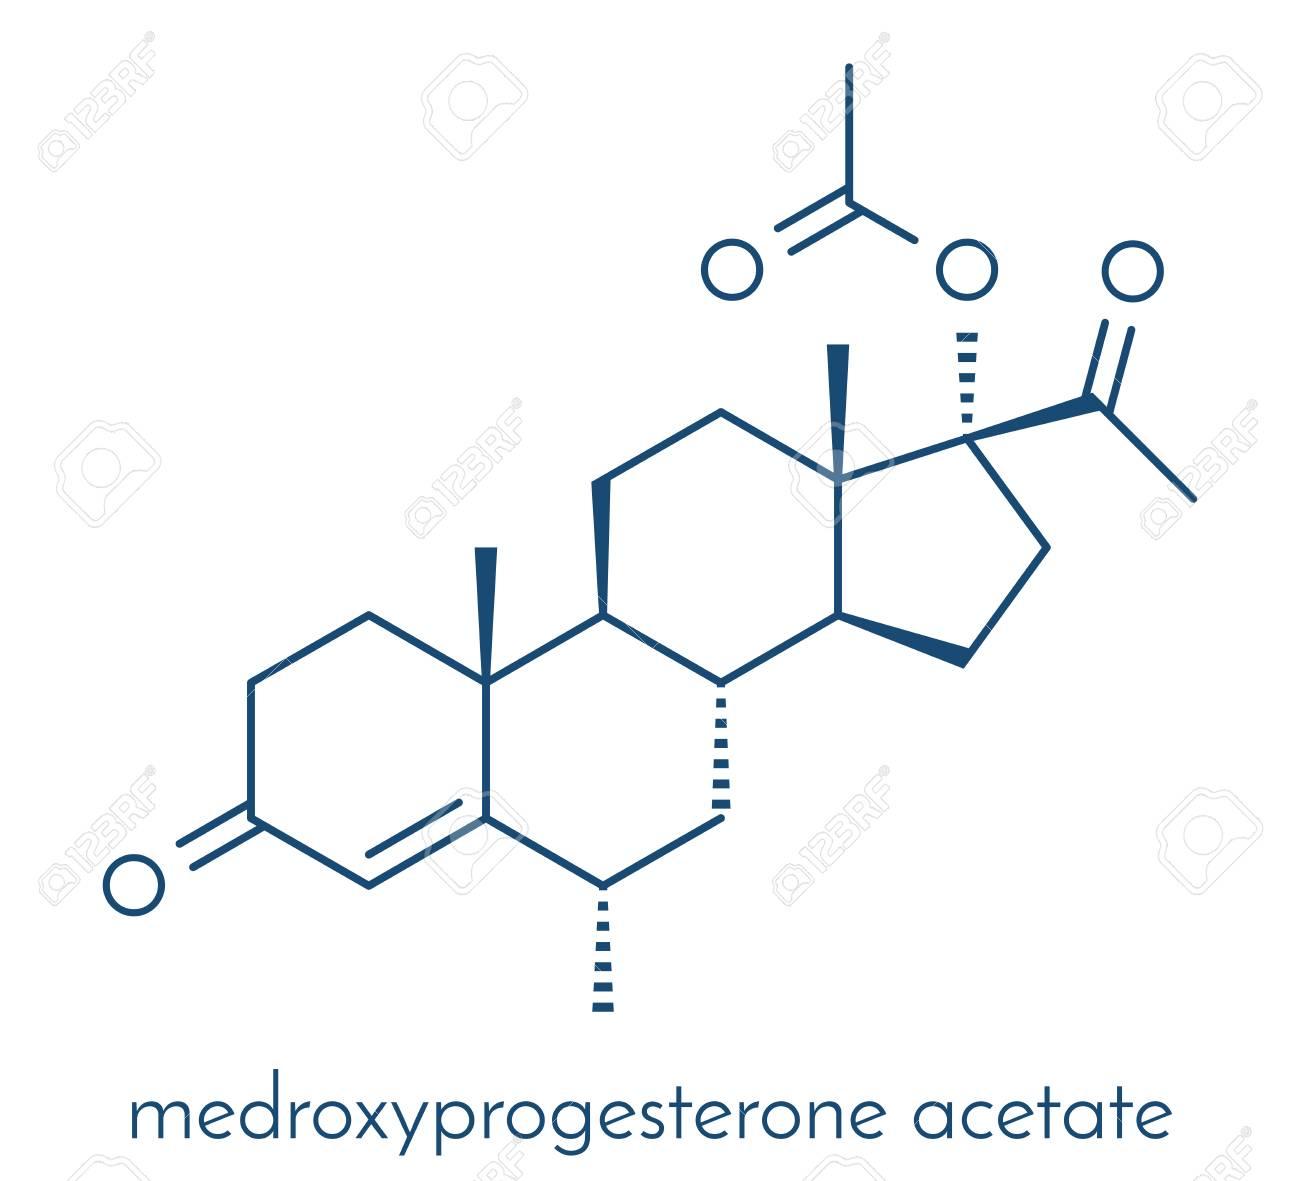 プロゲステロン メド ロキシ